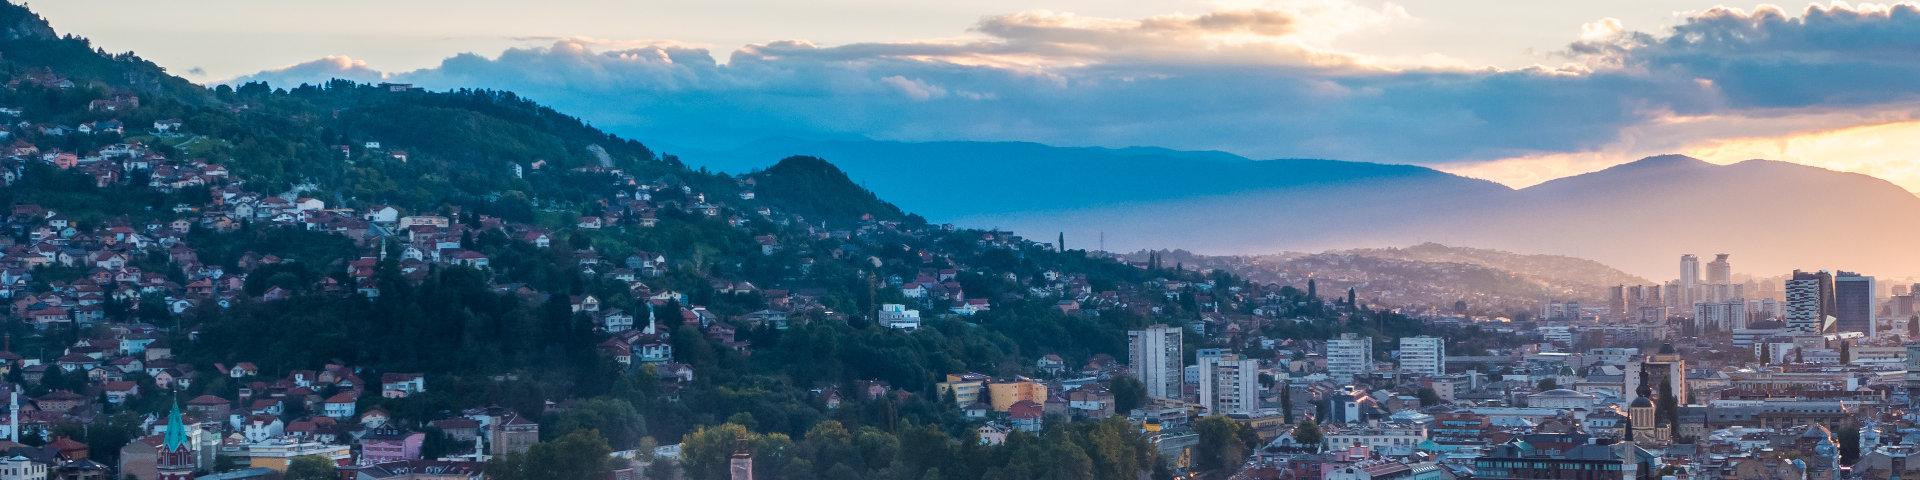 Sarajevo hero banner 1